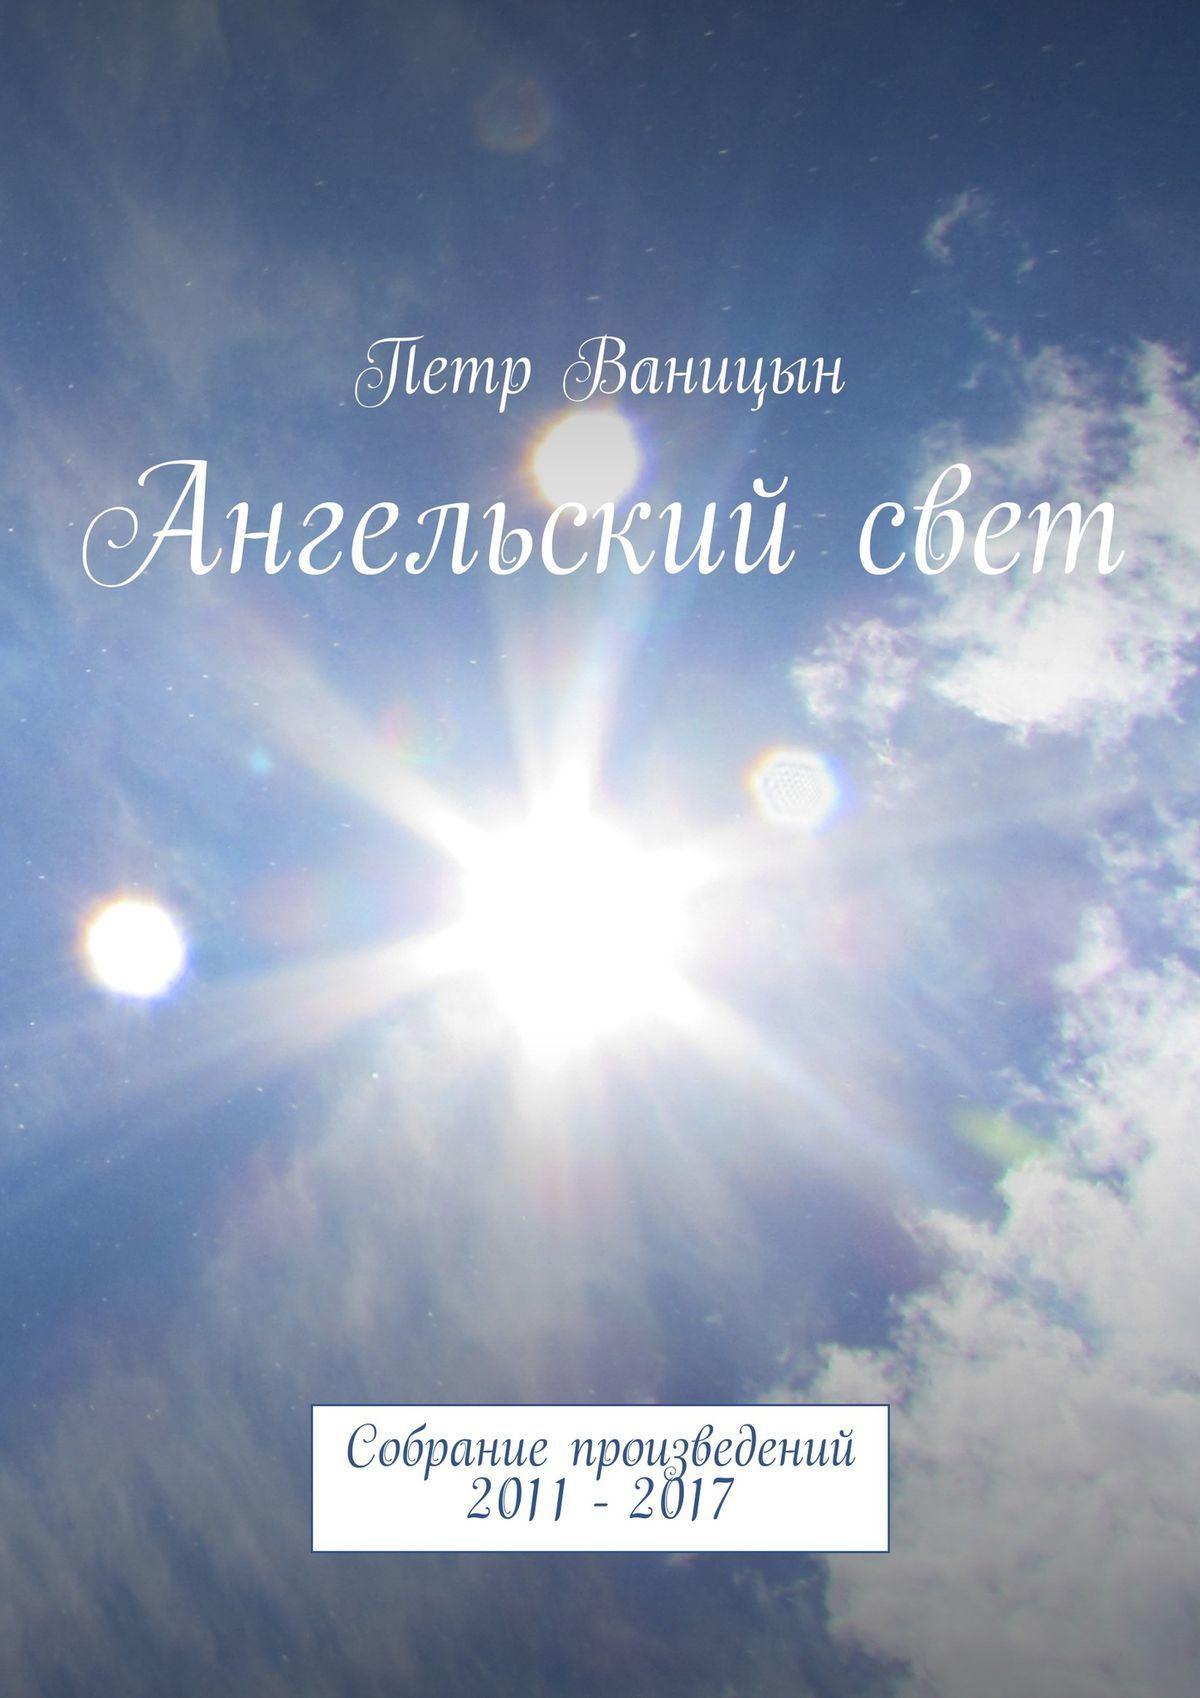 Петр Ваницын Ангельскийсвет. Собрание произведений 2011-2017 петр ваницын ангельскийсвет sunlight